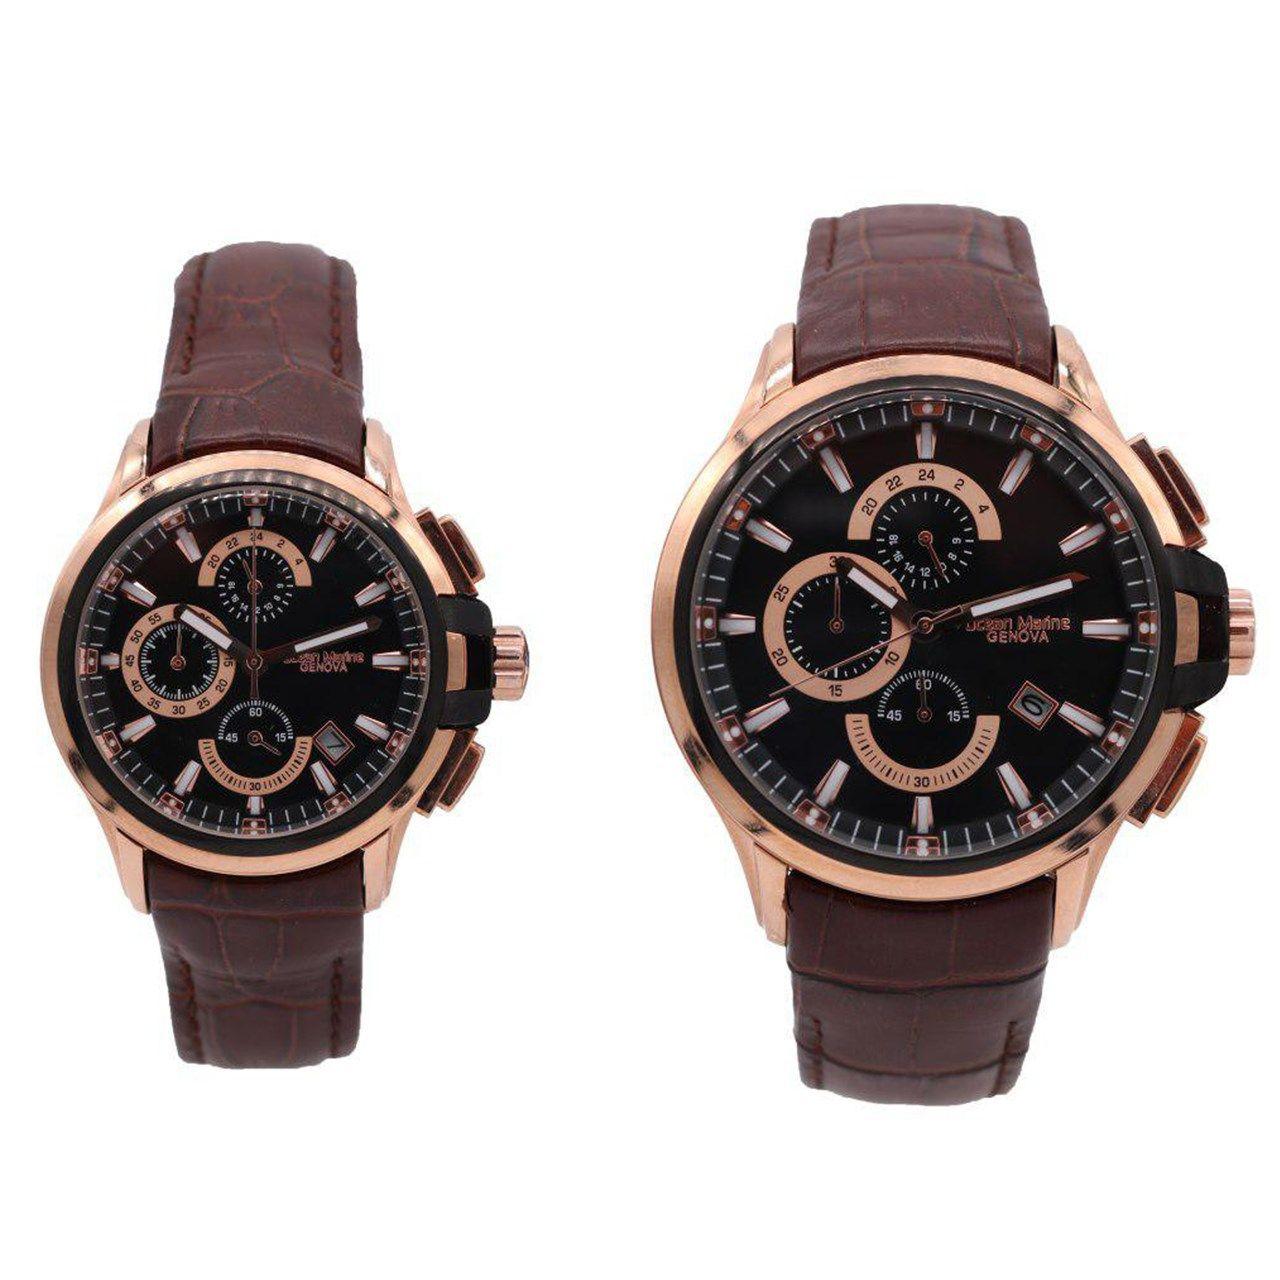 ساعت ست مردانه و زنانه اوشن مارین مدل Z-318Gc3 و Z-318Lc3 -  - 1